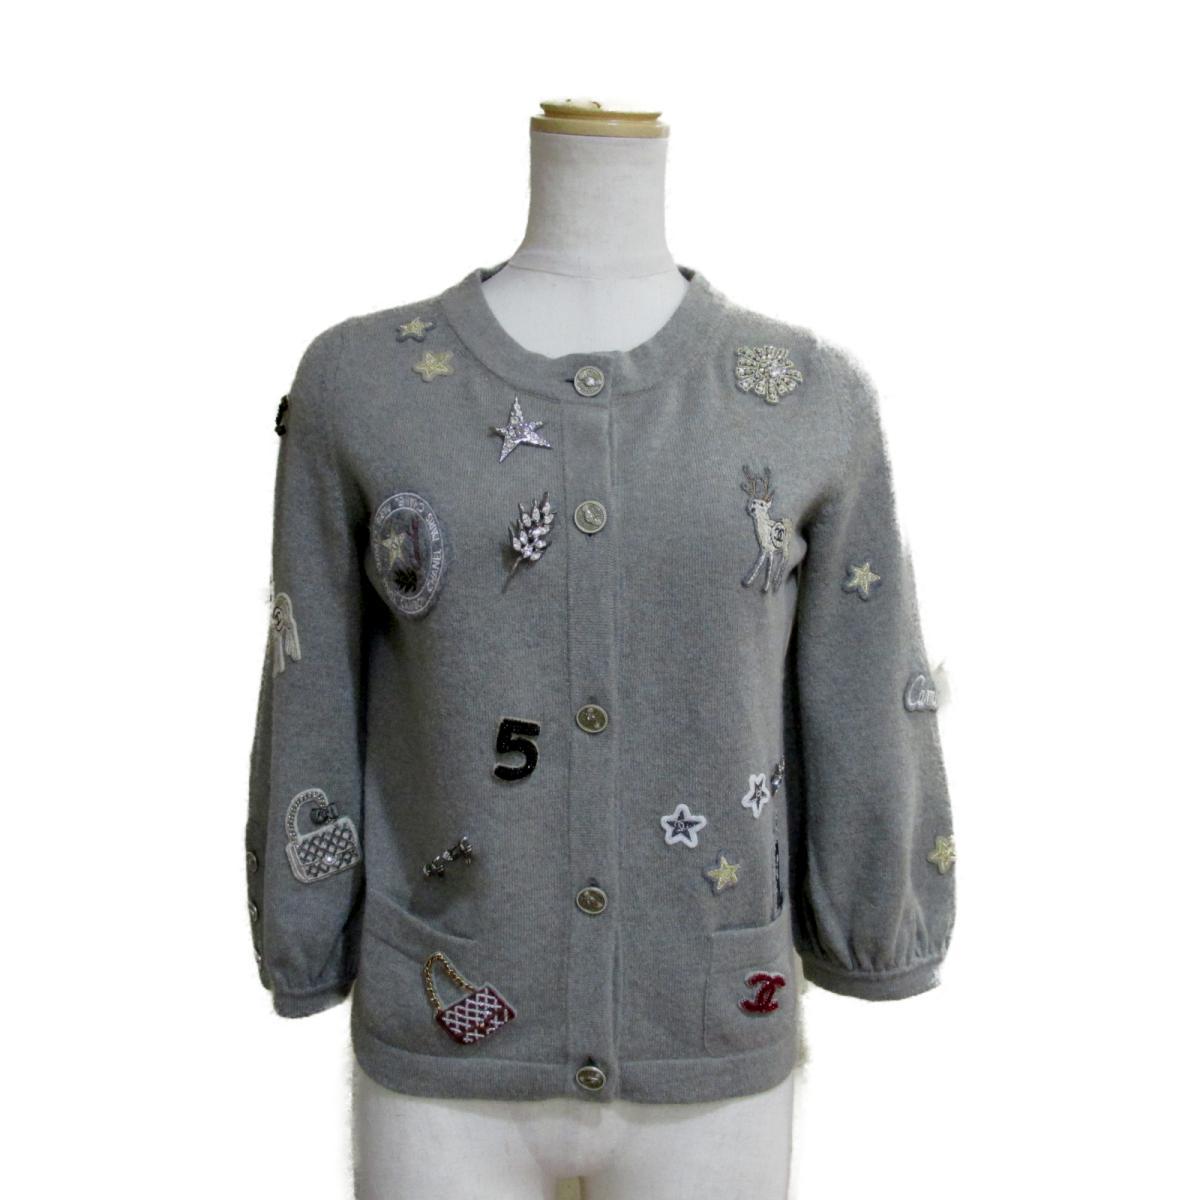 【中古】 シャネル 08P カーディガン レディース カシミア グレー (P32770K00785) | CHANEL BRANDOFF ブランドオフ 衣料品 衣類 ブランド トップス ボレロ